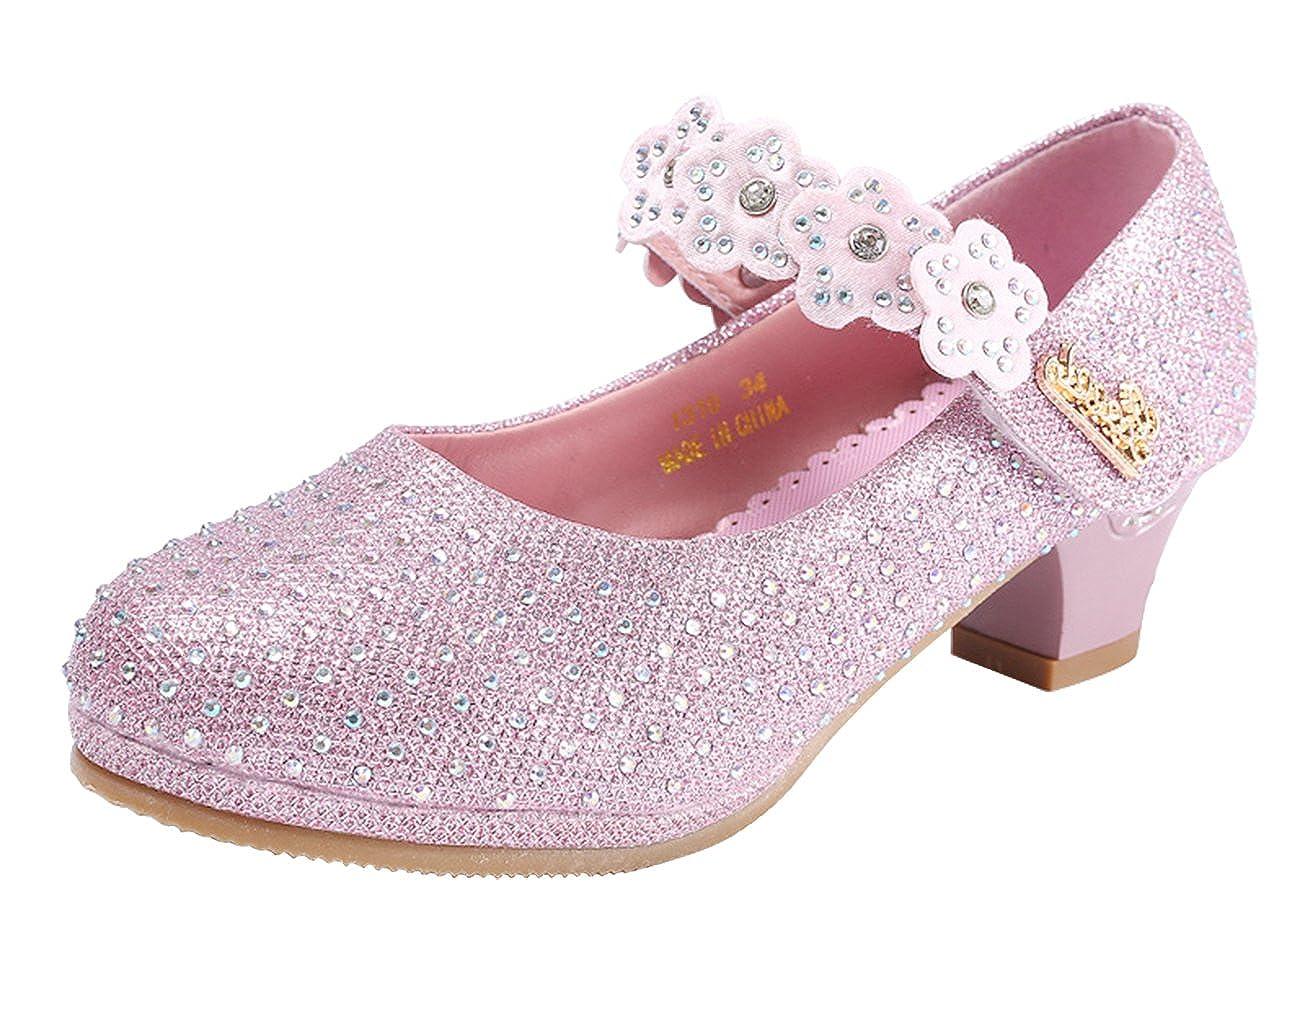 Eozy Chaussure Fille Ballerine /à Talon Chaussure Princesse Enfant pour C/ér/émonie Mariage avec Bretelle